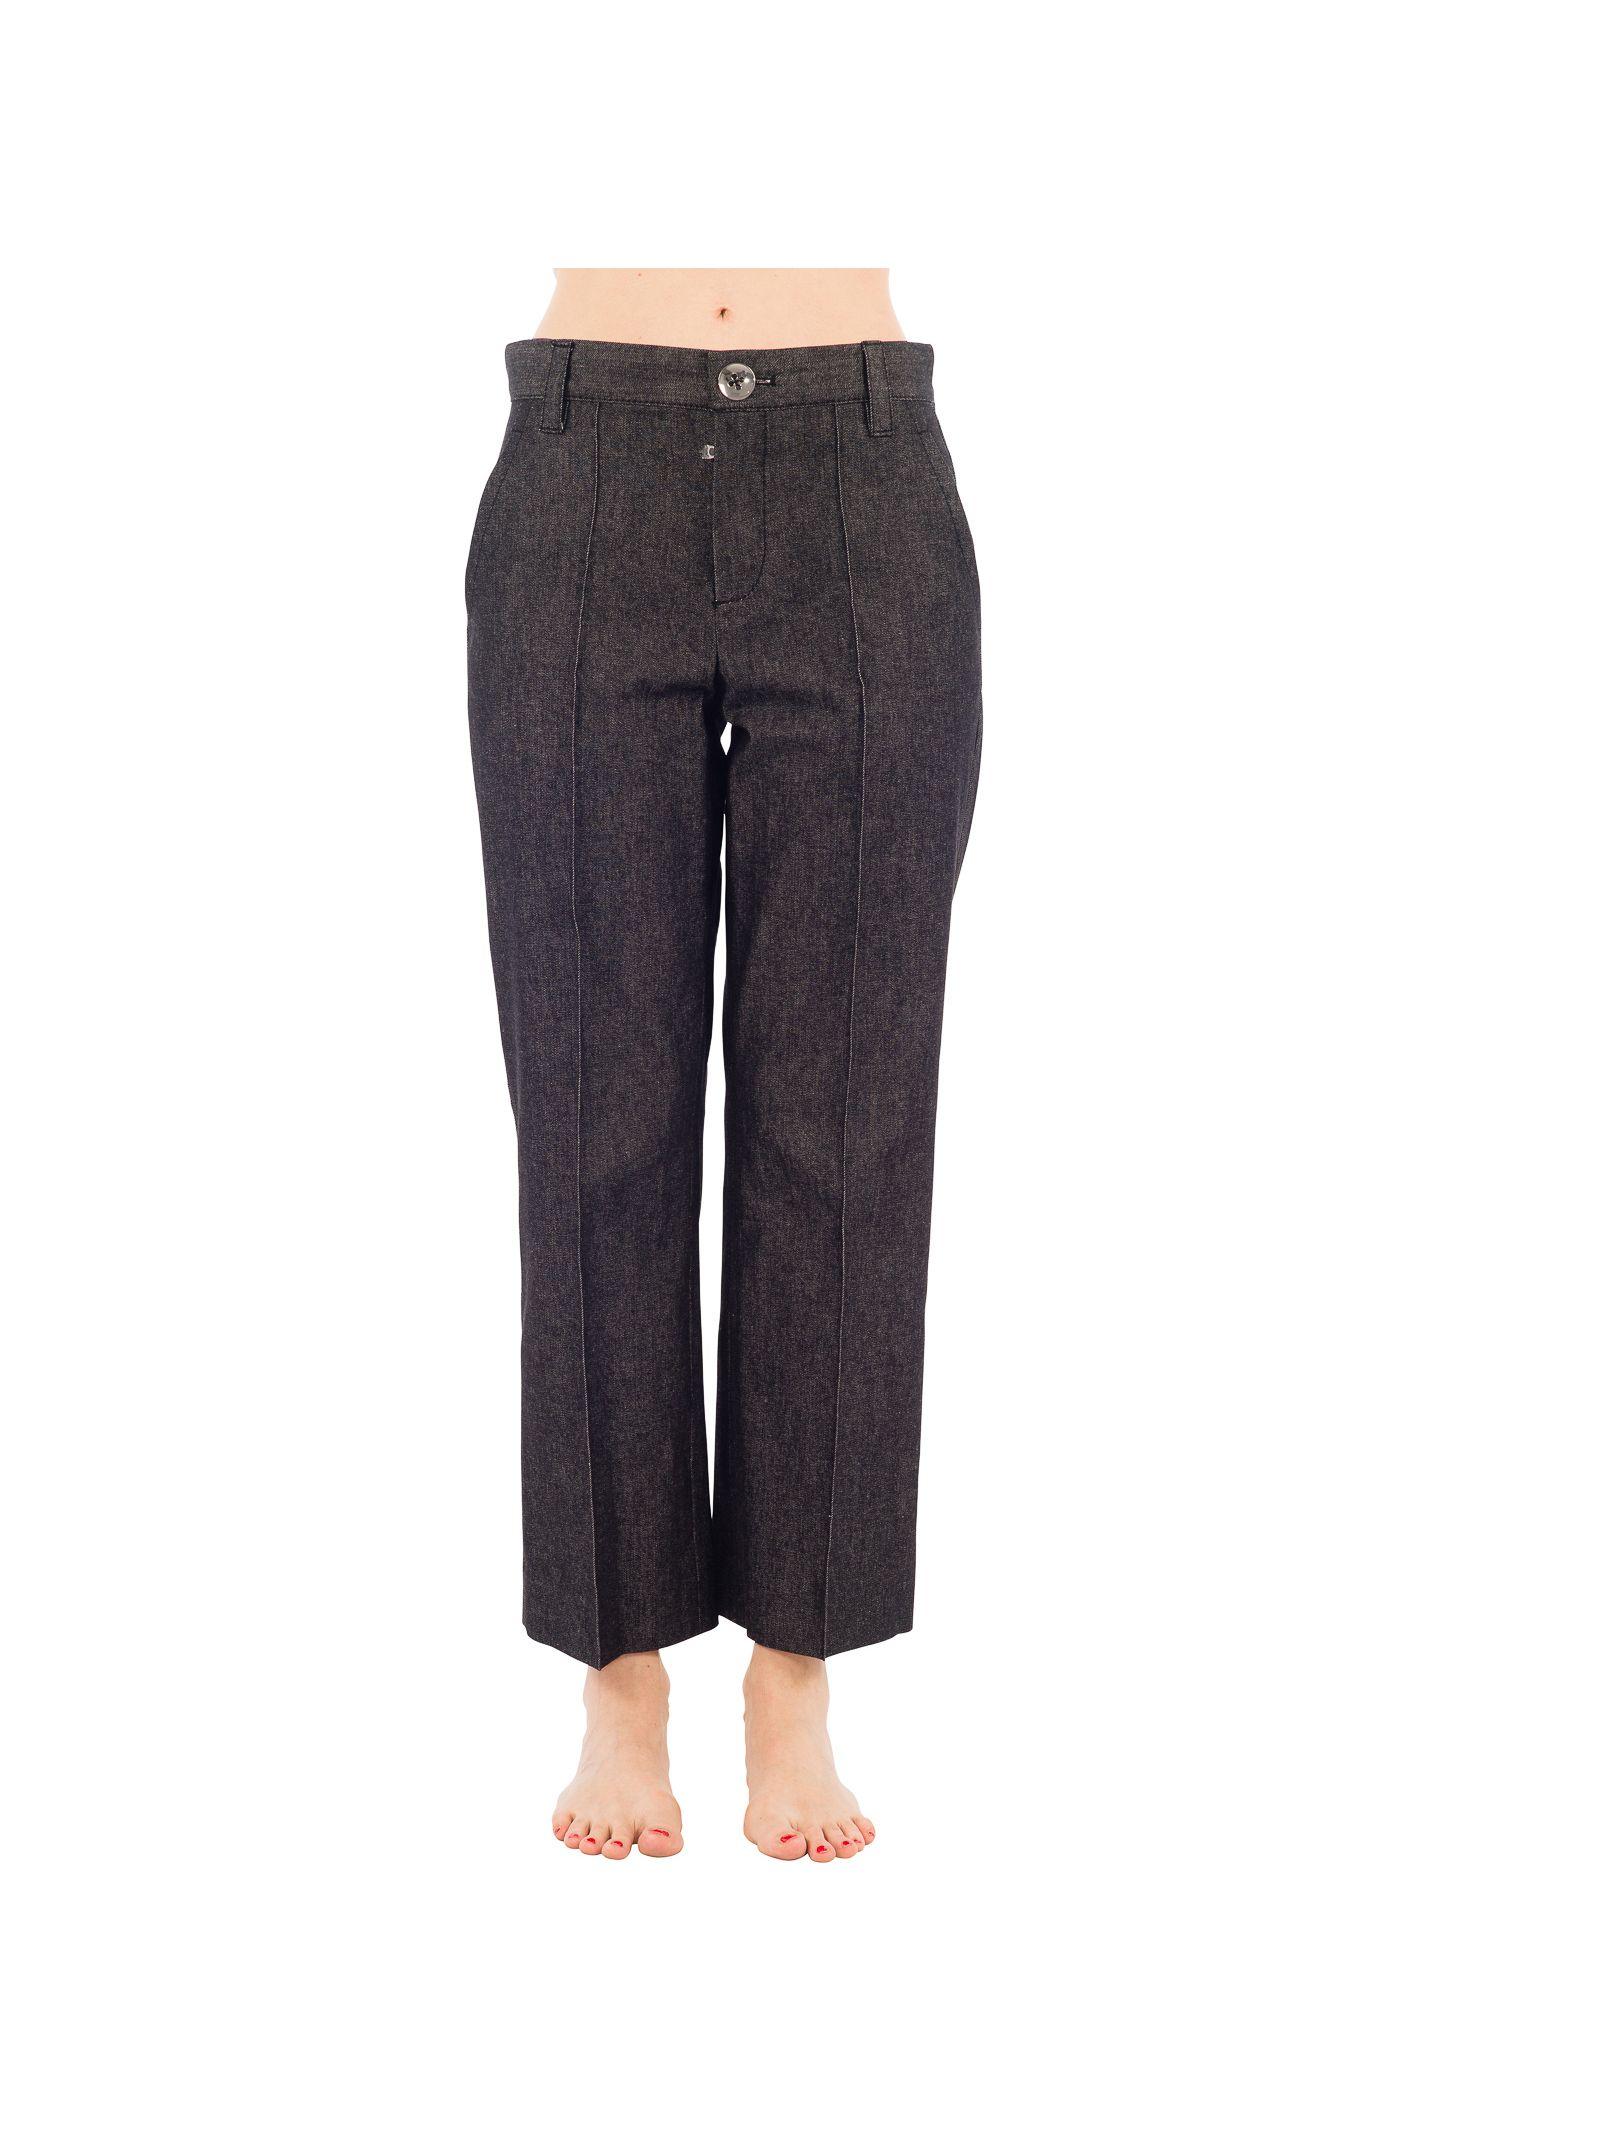 marc jacobs female 45906 marc jacobs grey cotton jeans